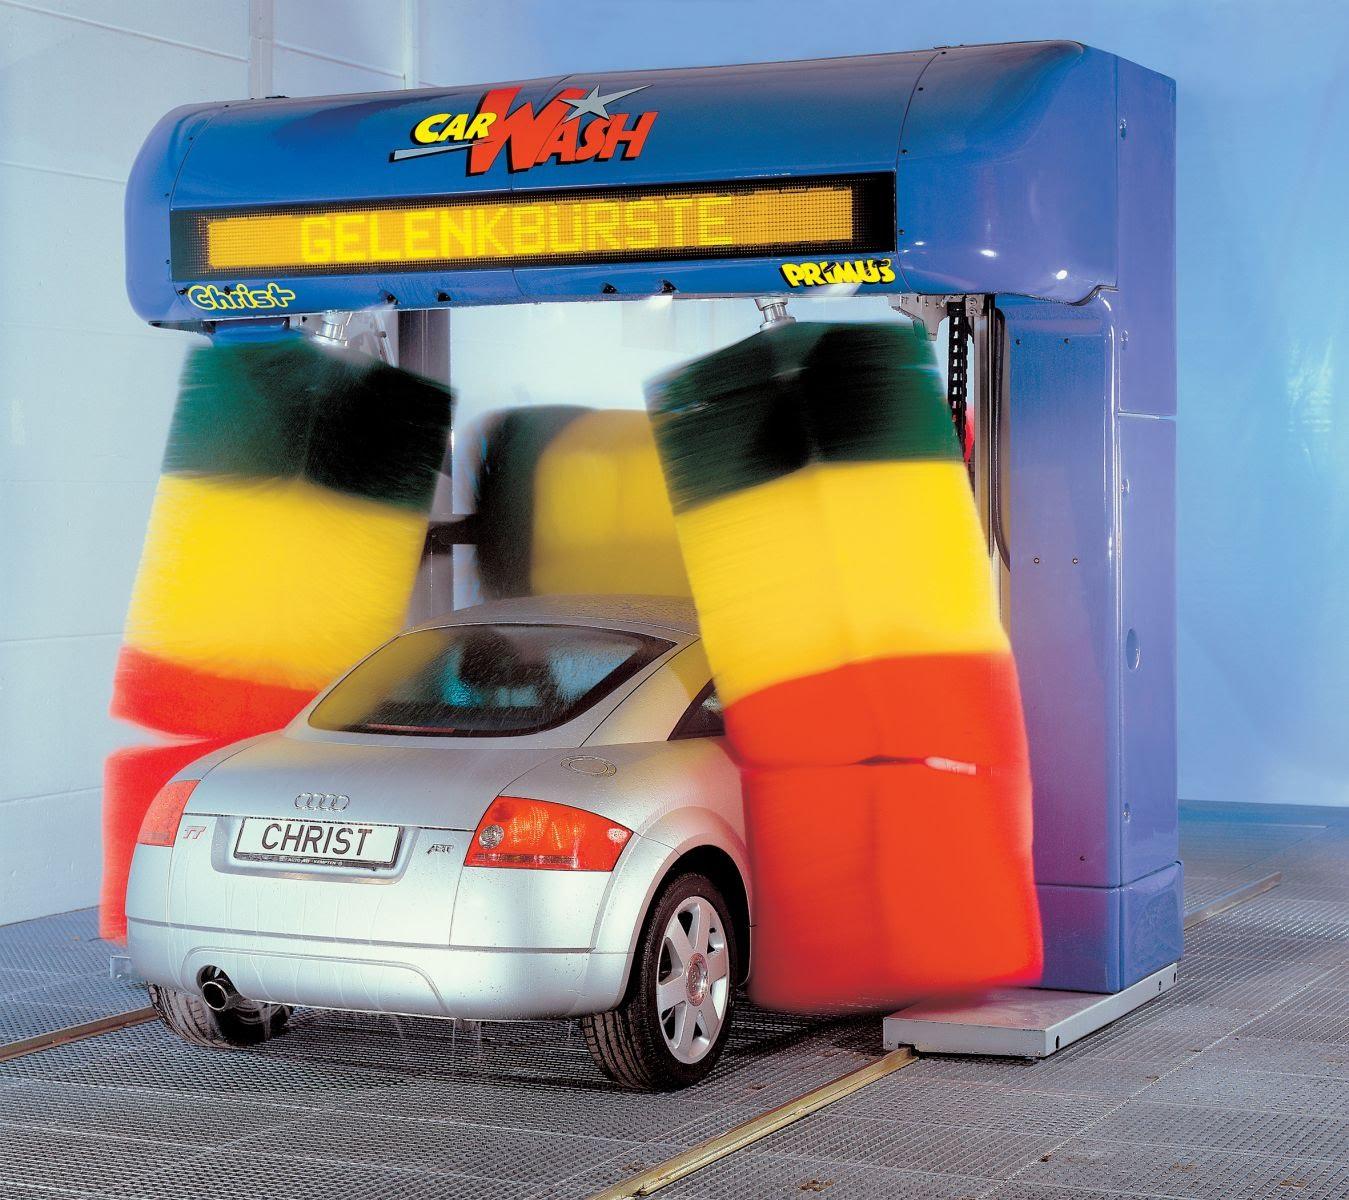 Автоматическая мойка автомобиля: быстро, дорого, опасно.